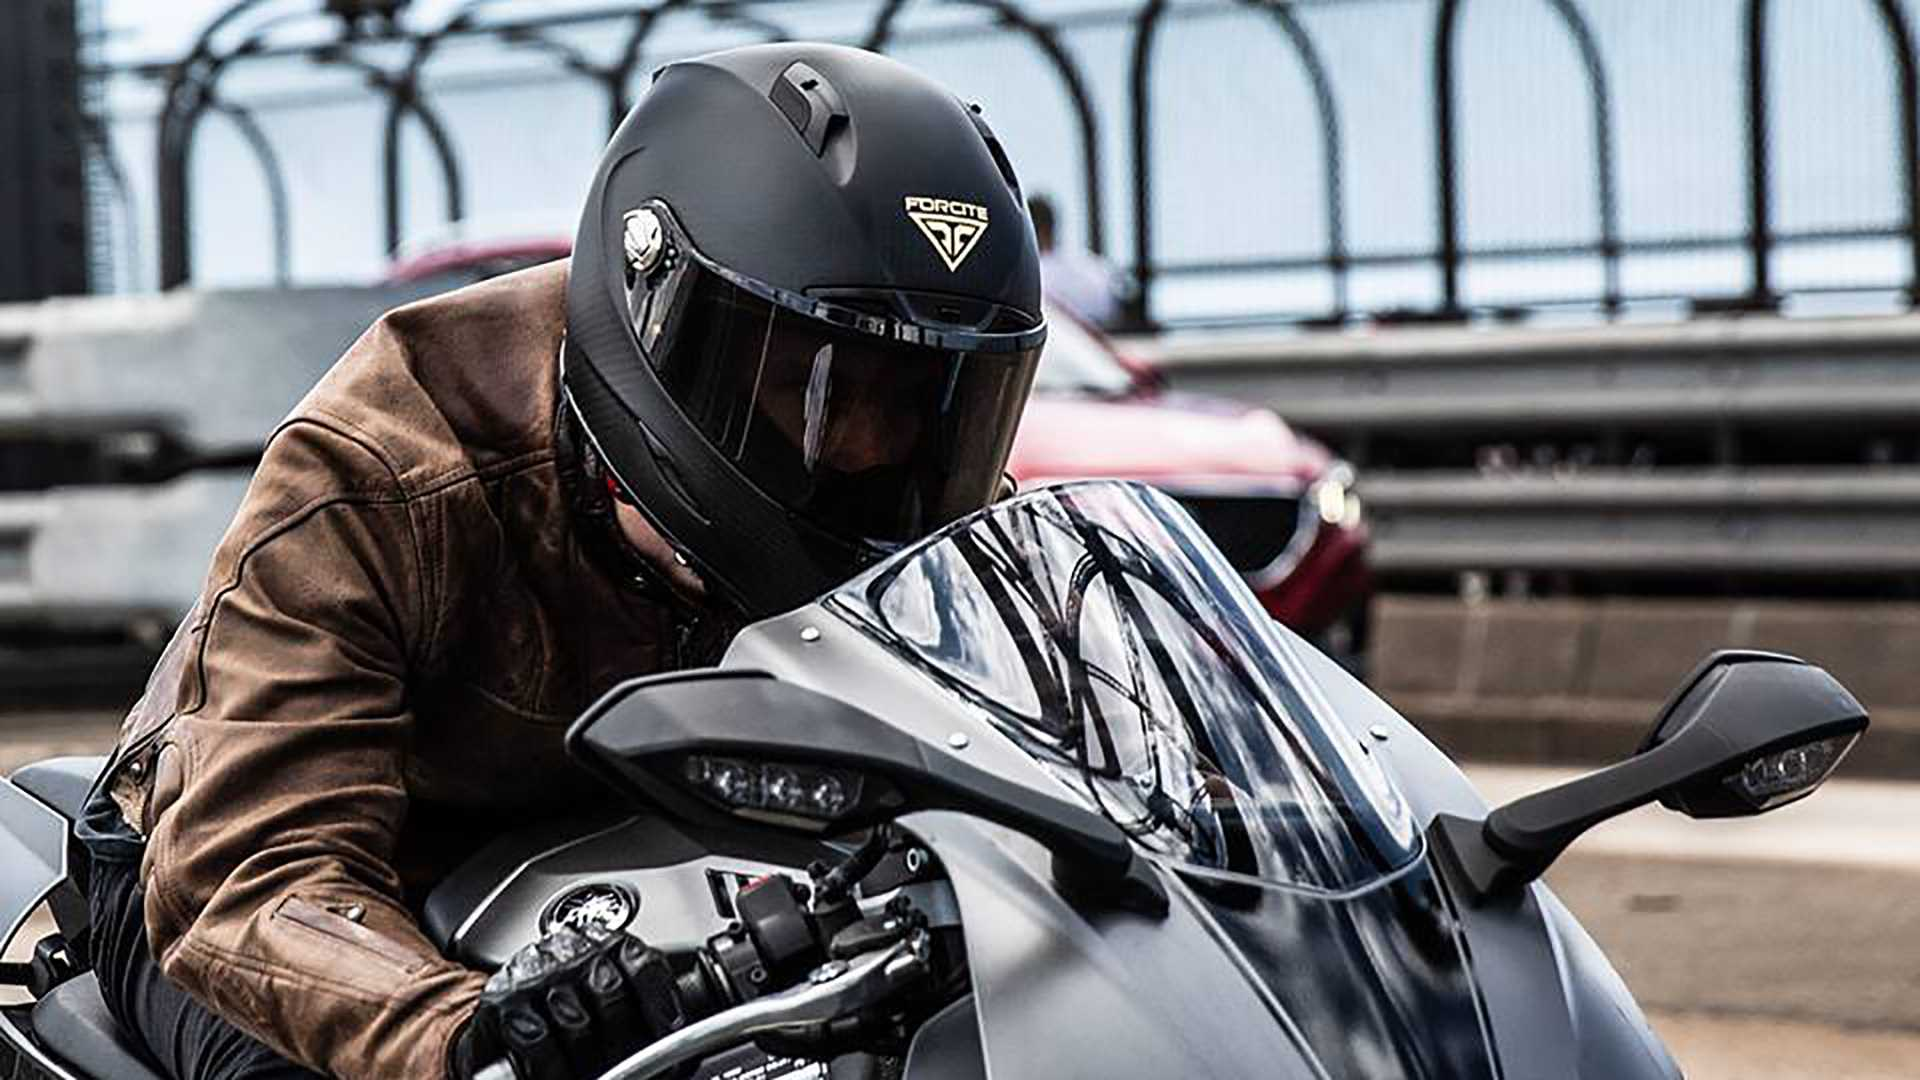 Forcite Helmet Worn By Rider